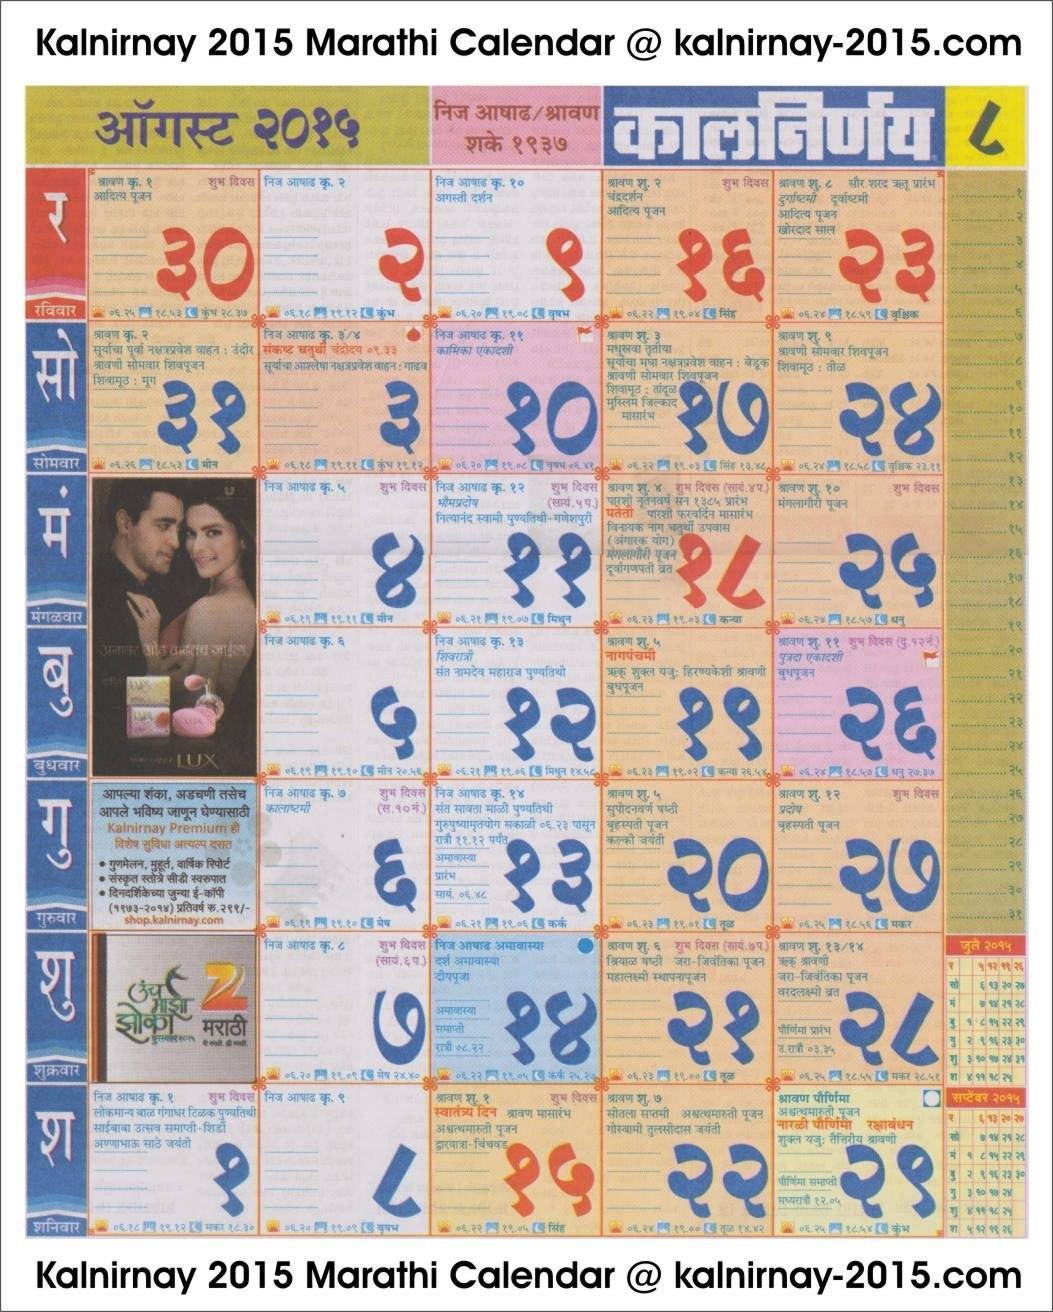 Kalnirnay 2021 Marathi Calendar Pdf Download - Downloadable Kalnirnay 2021 Marathi Calendar Pdf inside Kalnirnay 2021 Marathi Calendar